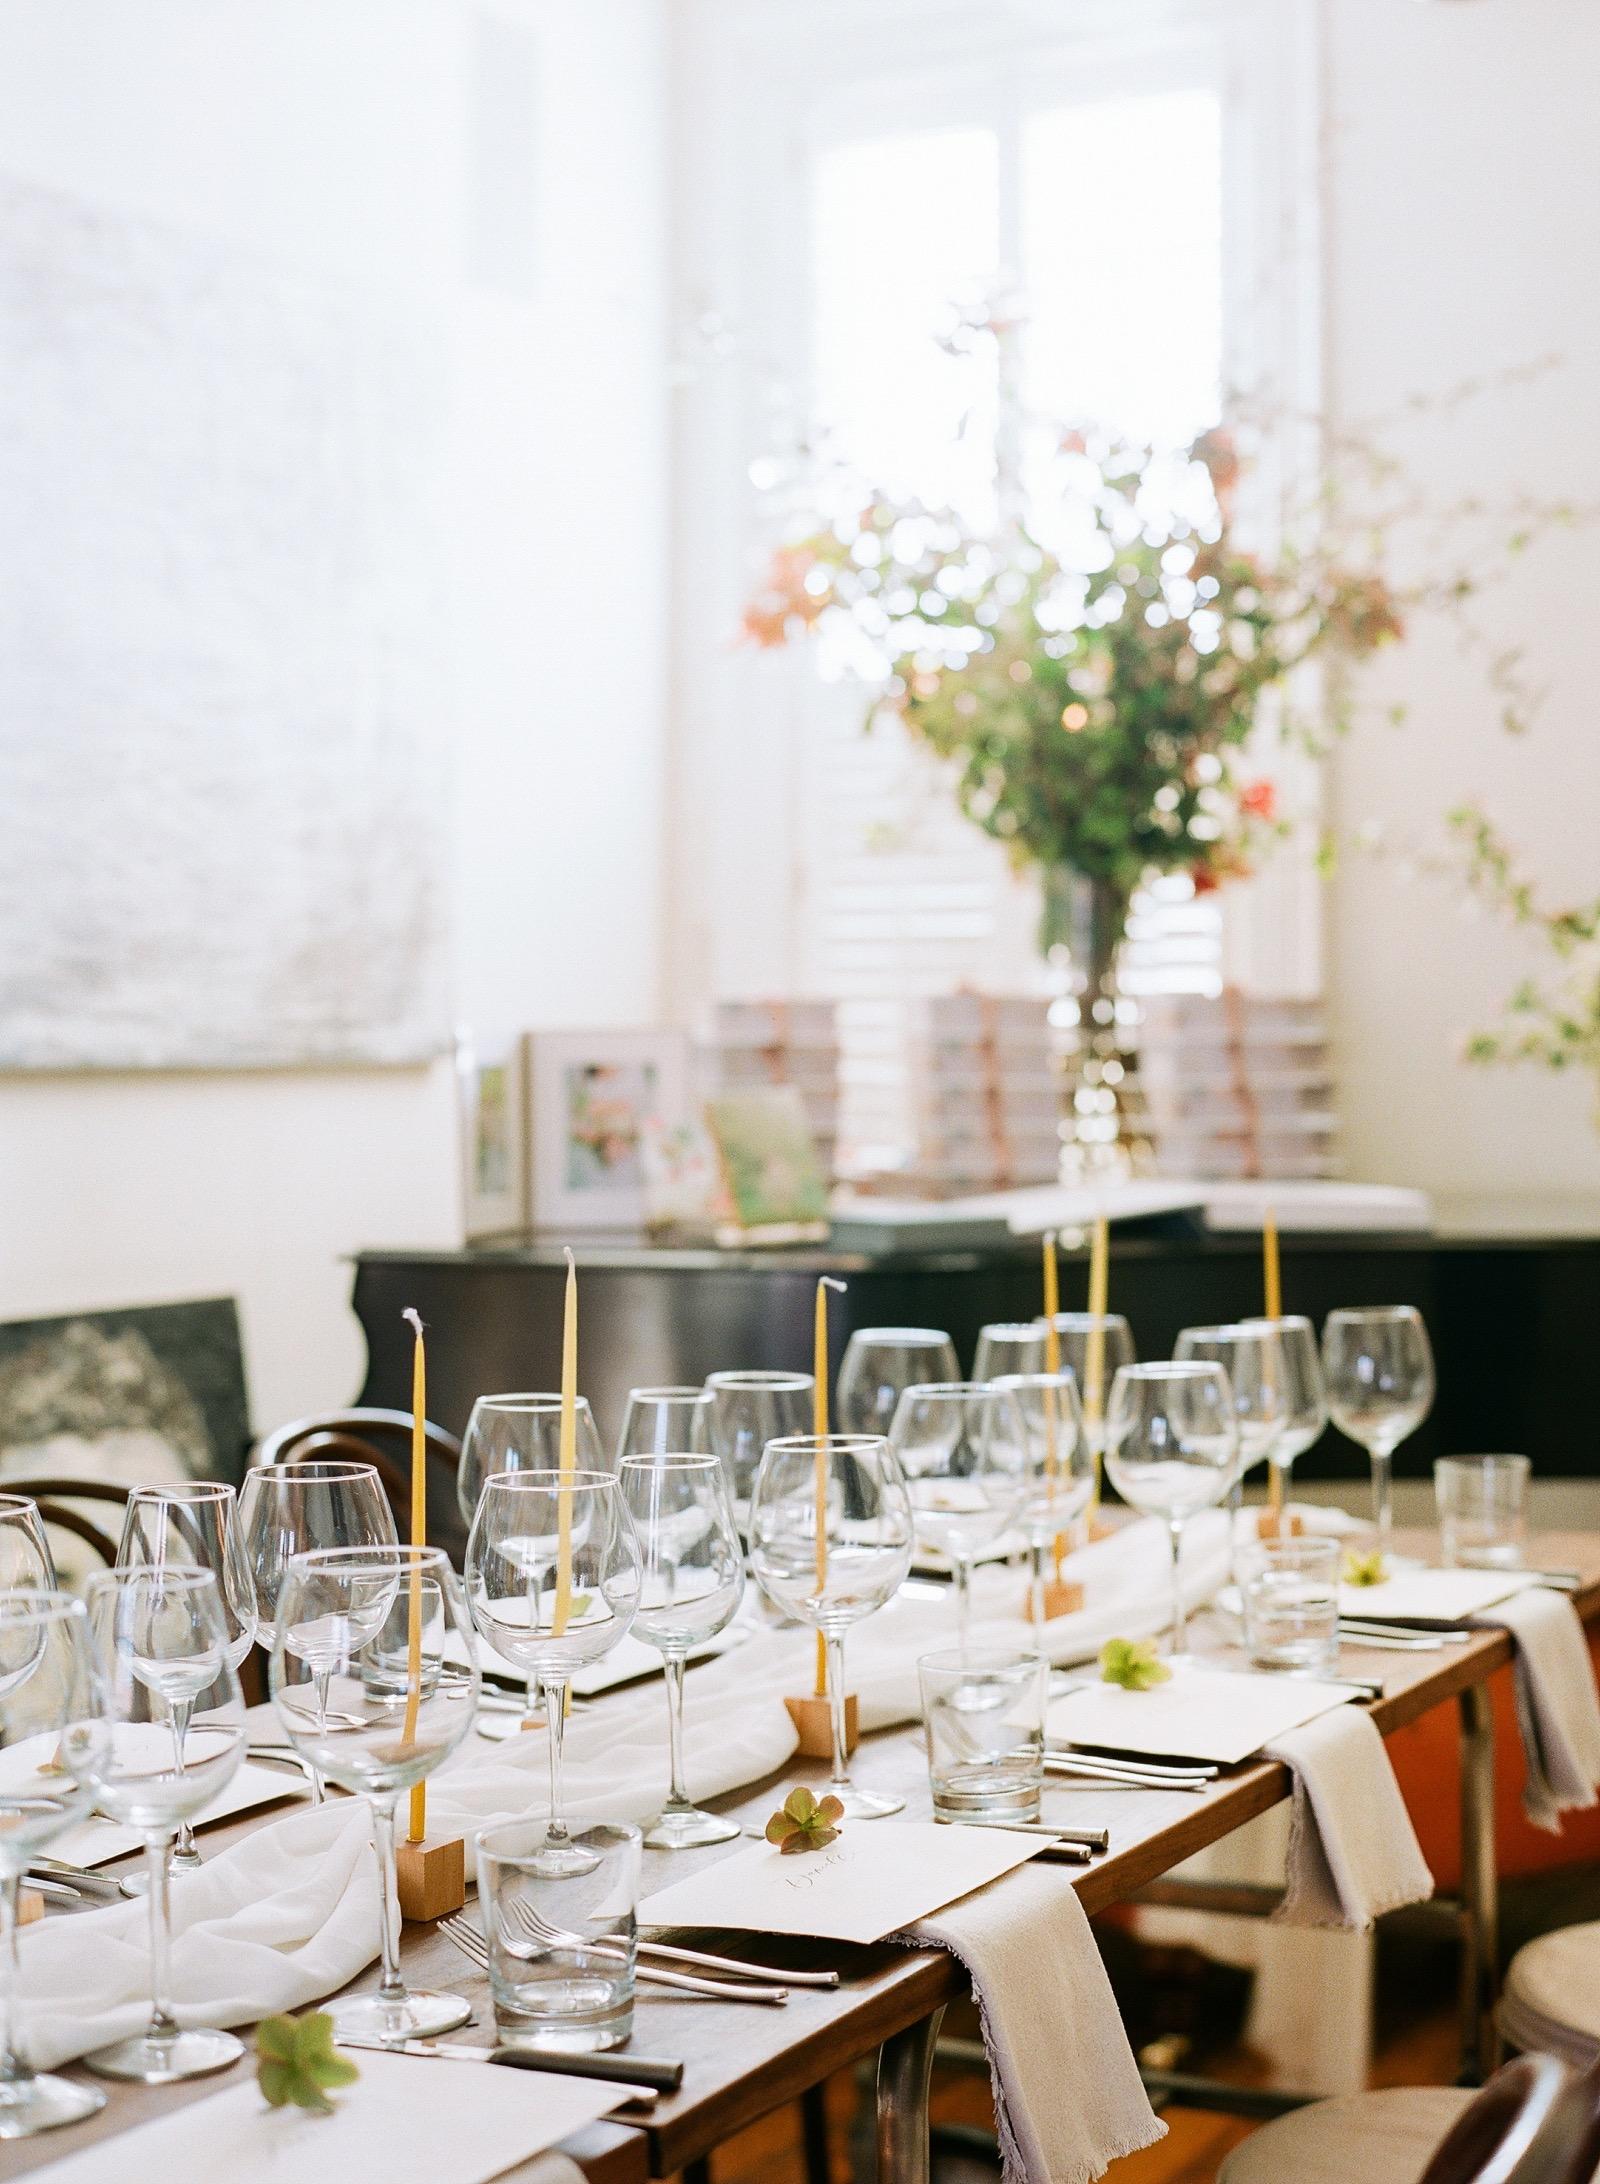 jodi-kurt-photography-rebrand-dinner_08.jpg